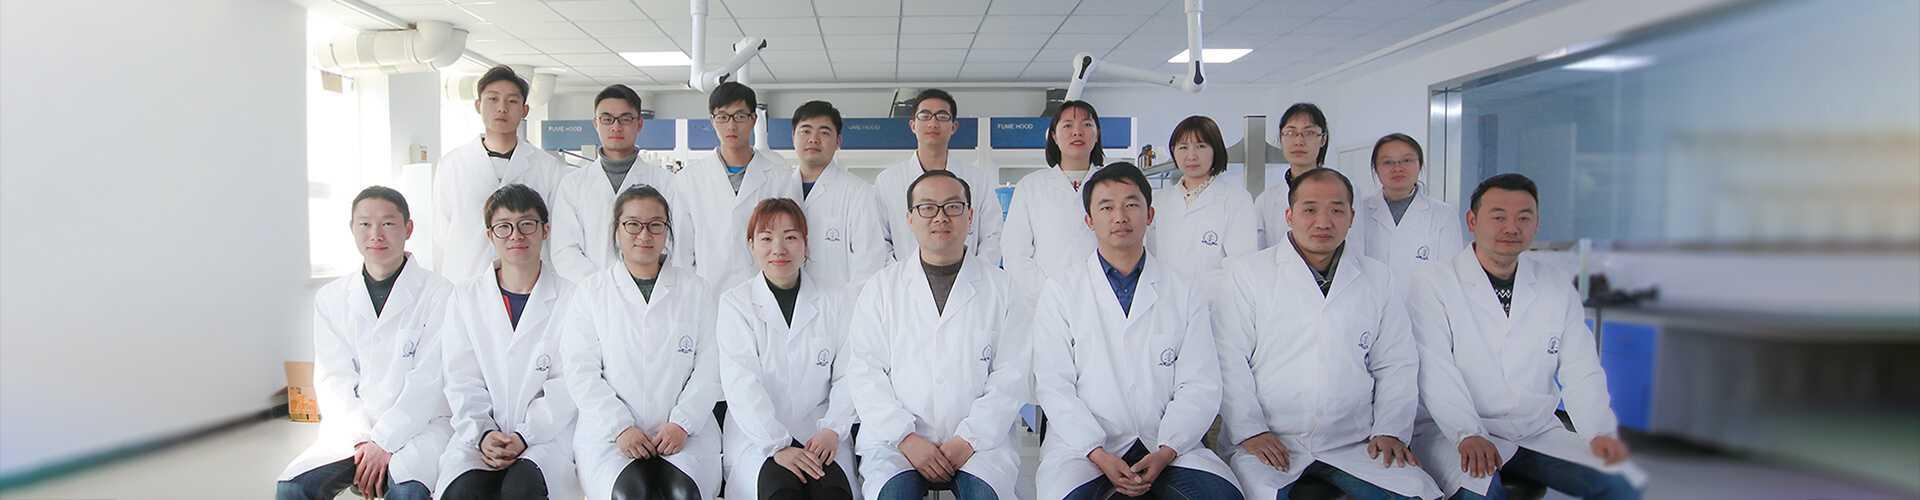 产品与服务-www.bzwz.com伟业集团